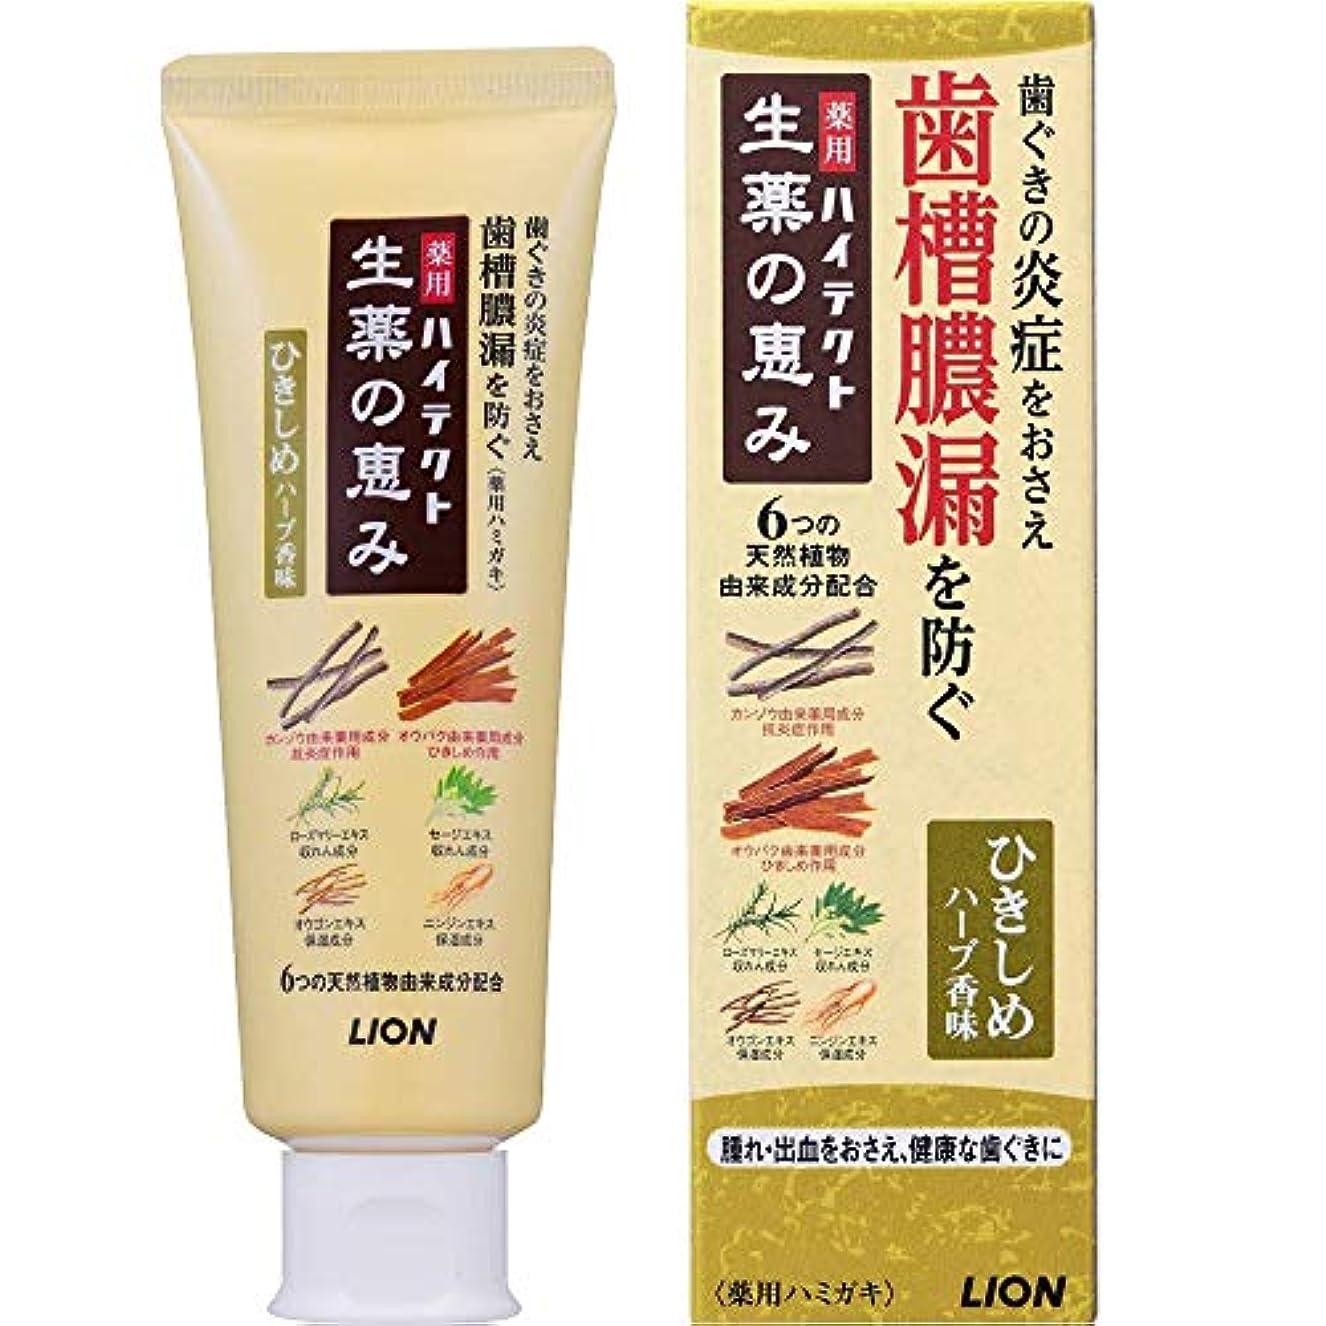 経験同時現像薬用ハイテクト生薬の恵み ひきしめハーブ香味 90g (医薬部外品)